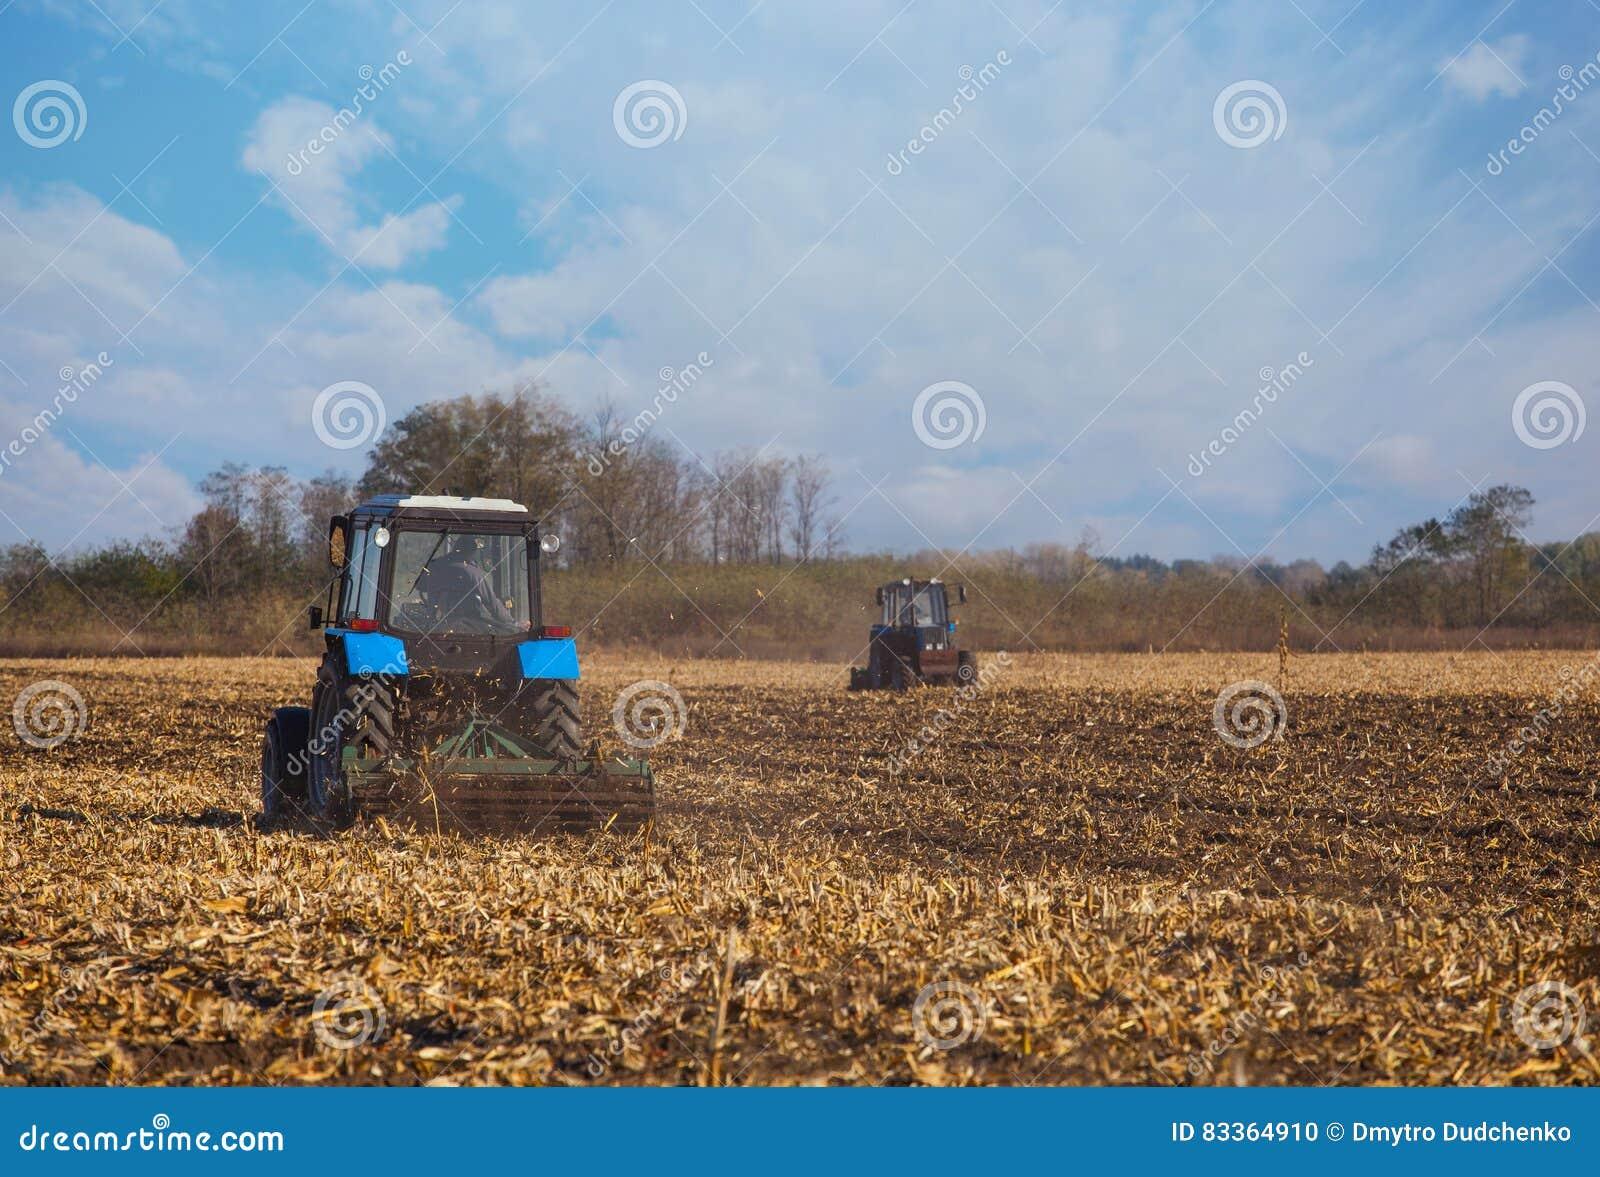 La paleta azul grande del tractor dos aró la tierra después de cosechar la cosecha del maíz